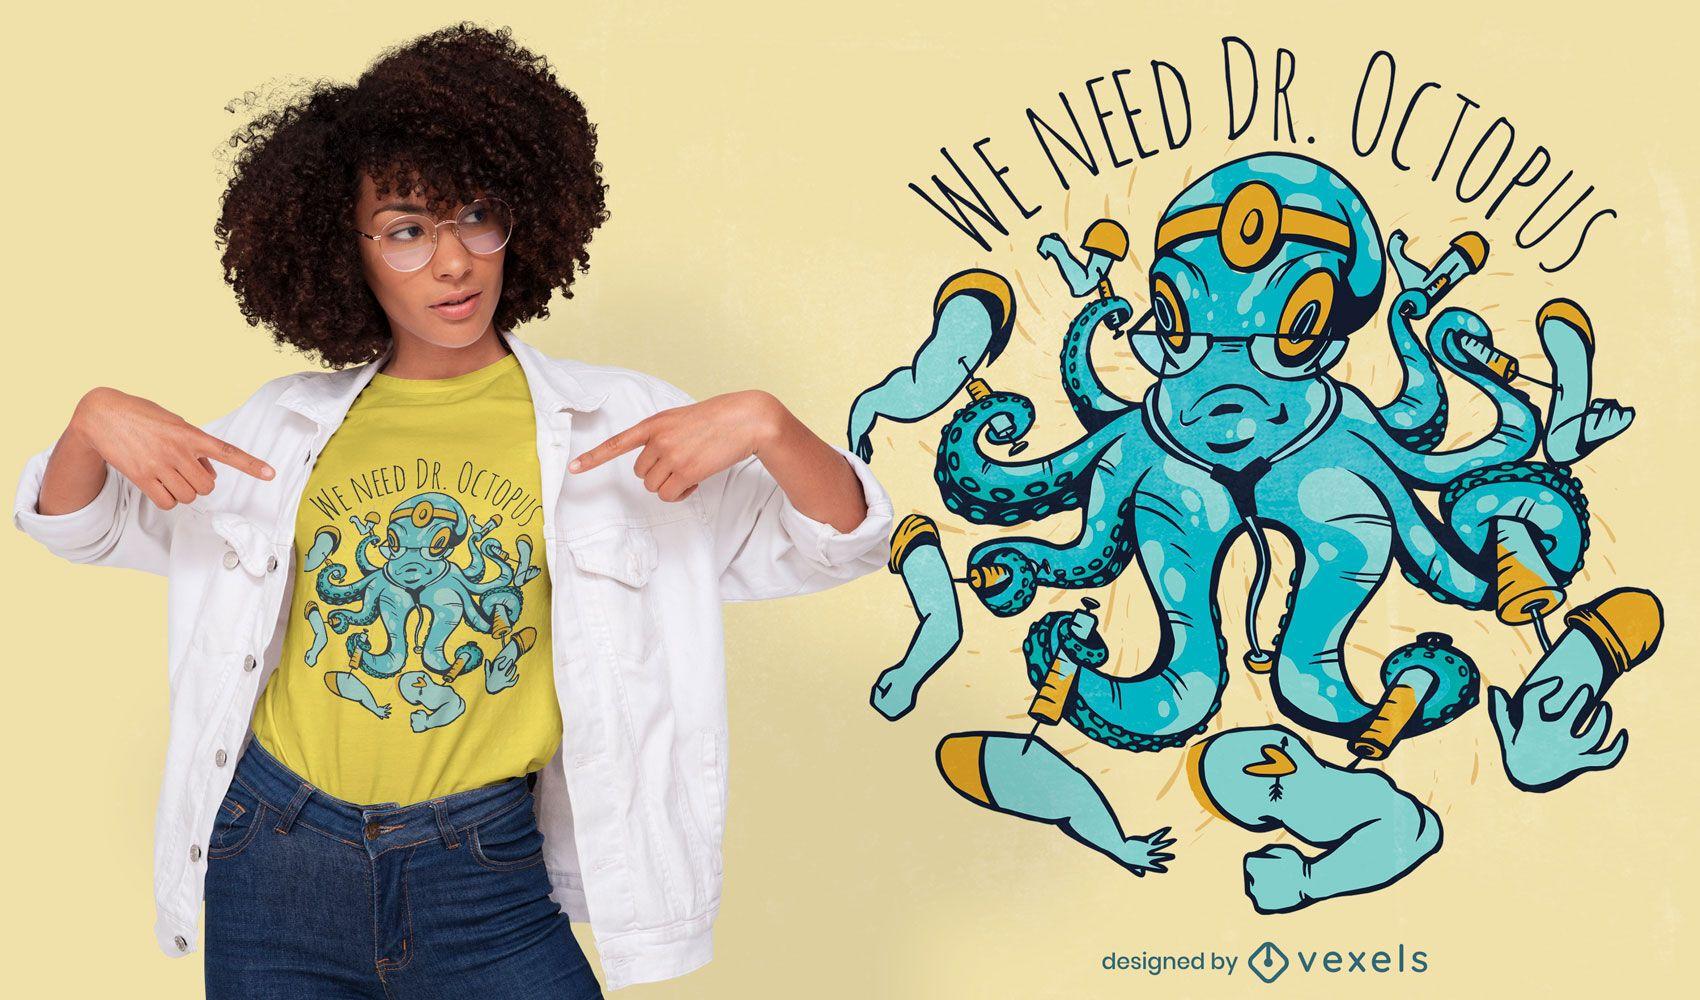 Doctor octopus t-shirt design